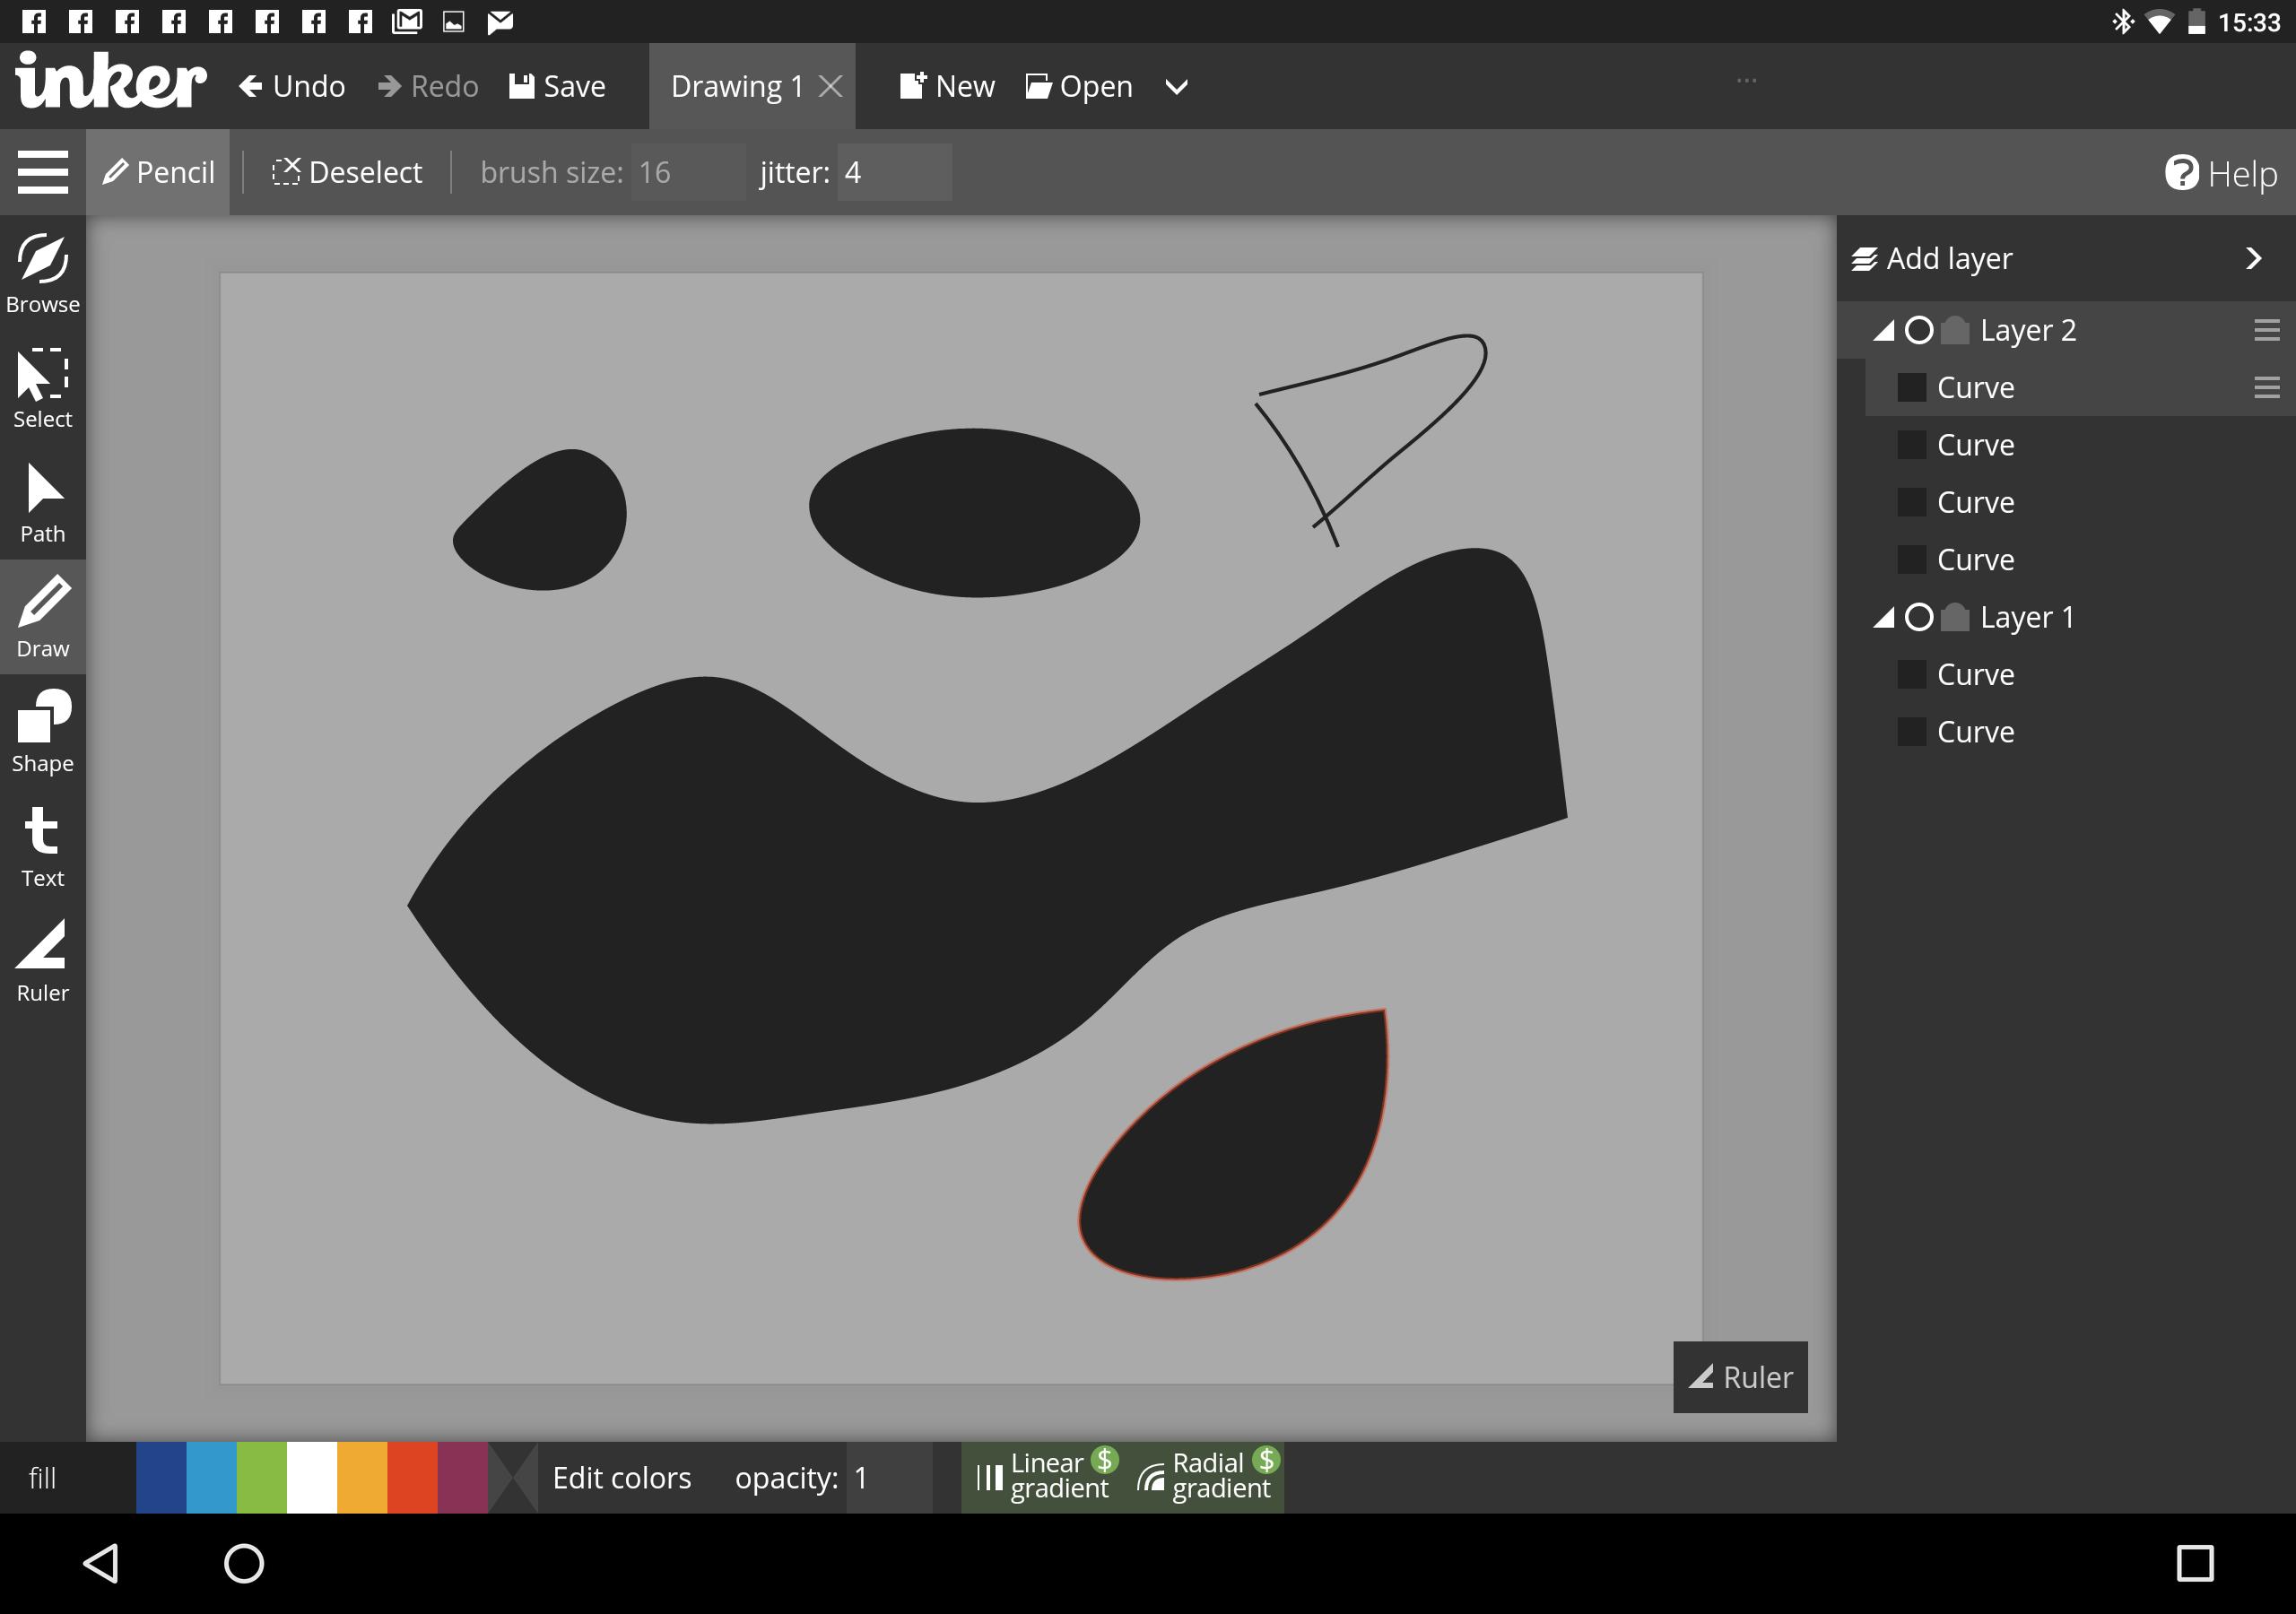 Appli Pour Dessiner Sur Les Photos inker: une bonne application de dessin vectoriel pour android (et